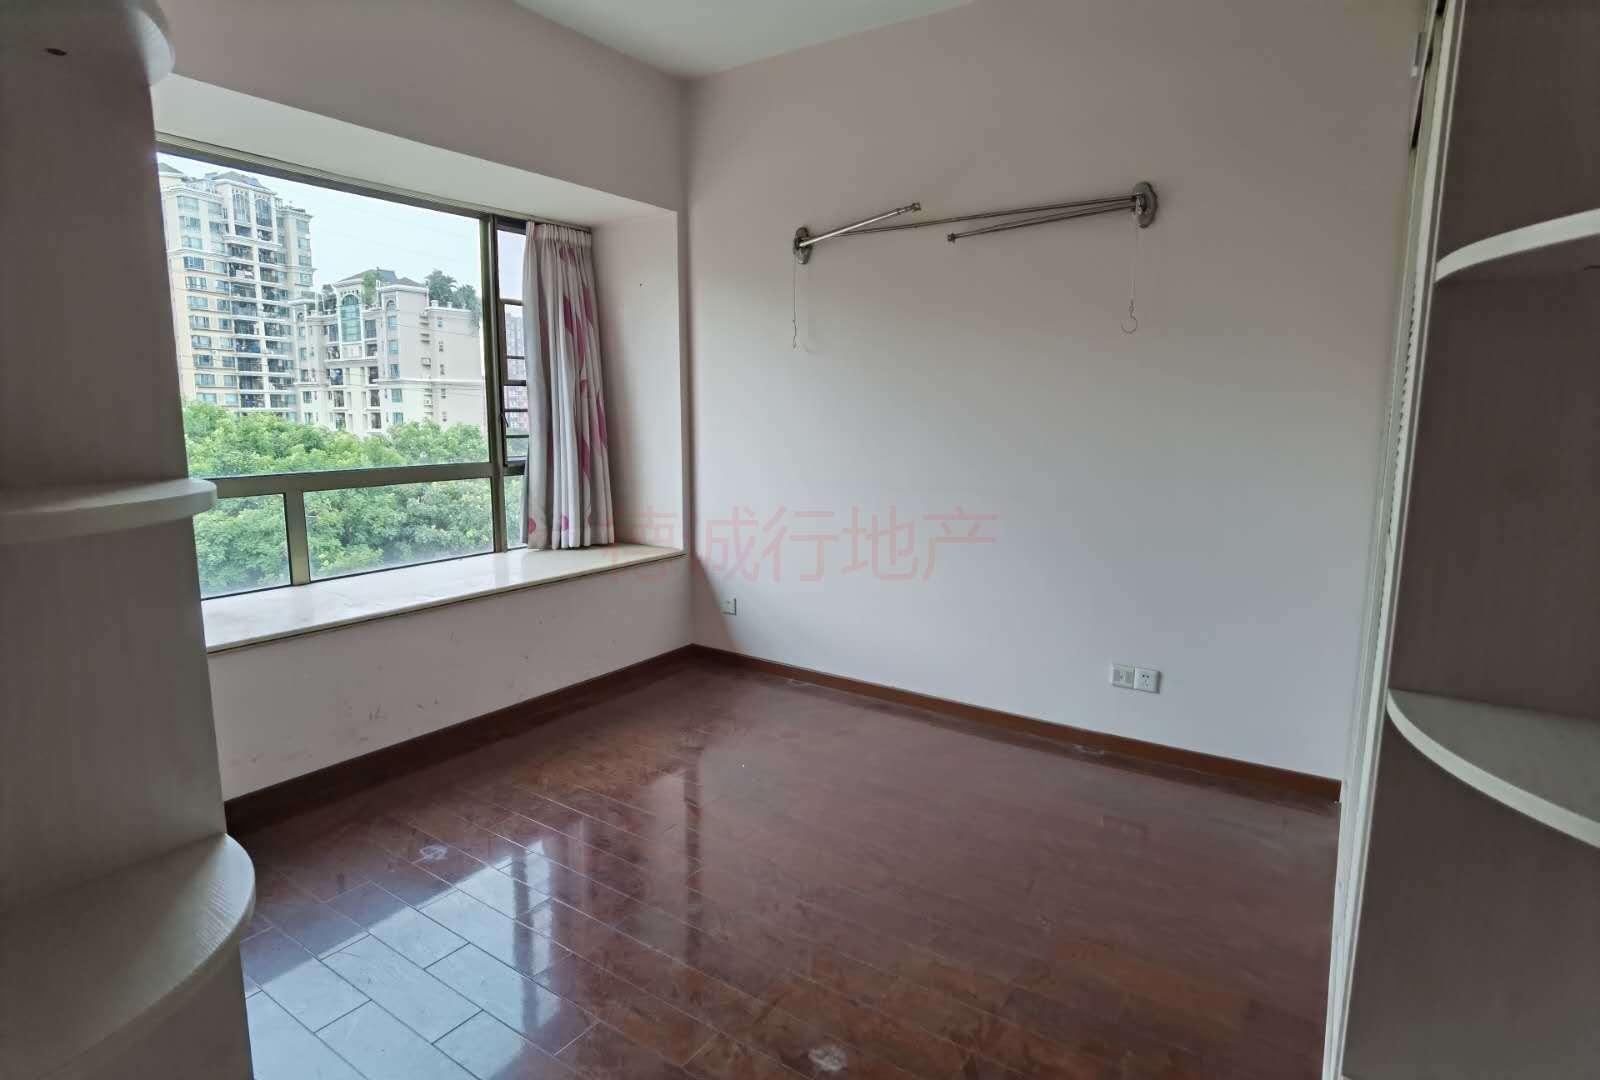 广州雅居乐花巷5室2厅3卫仅610万元